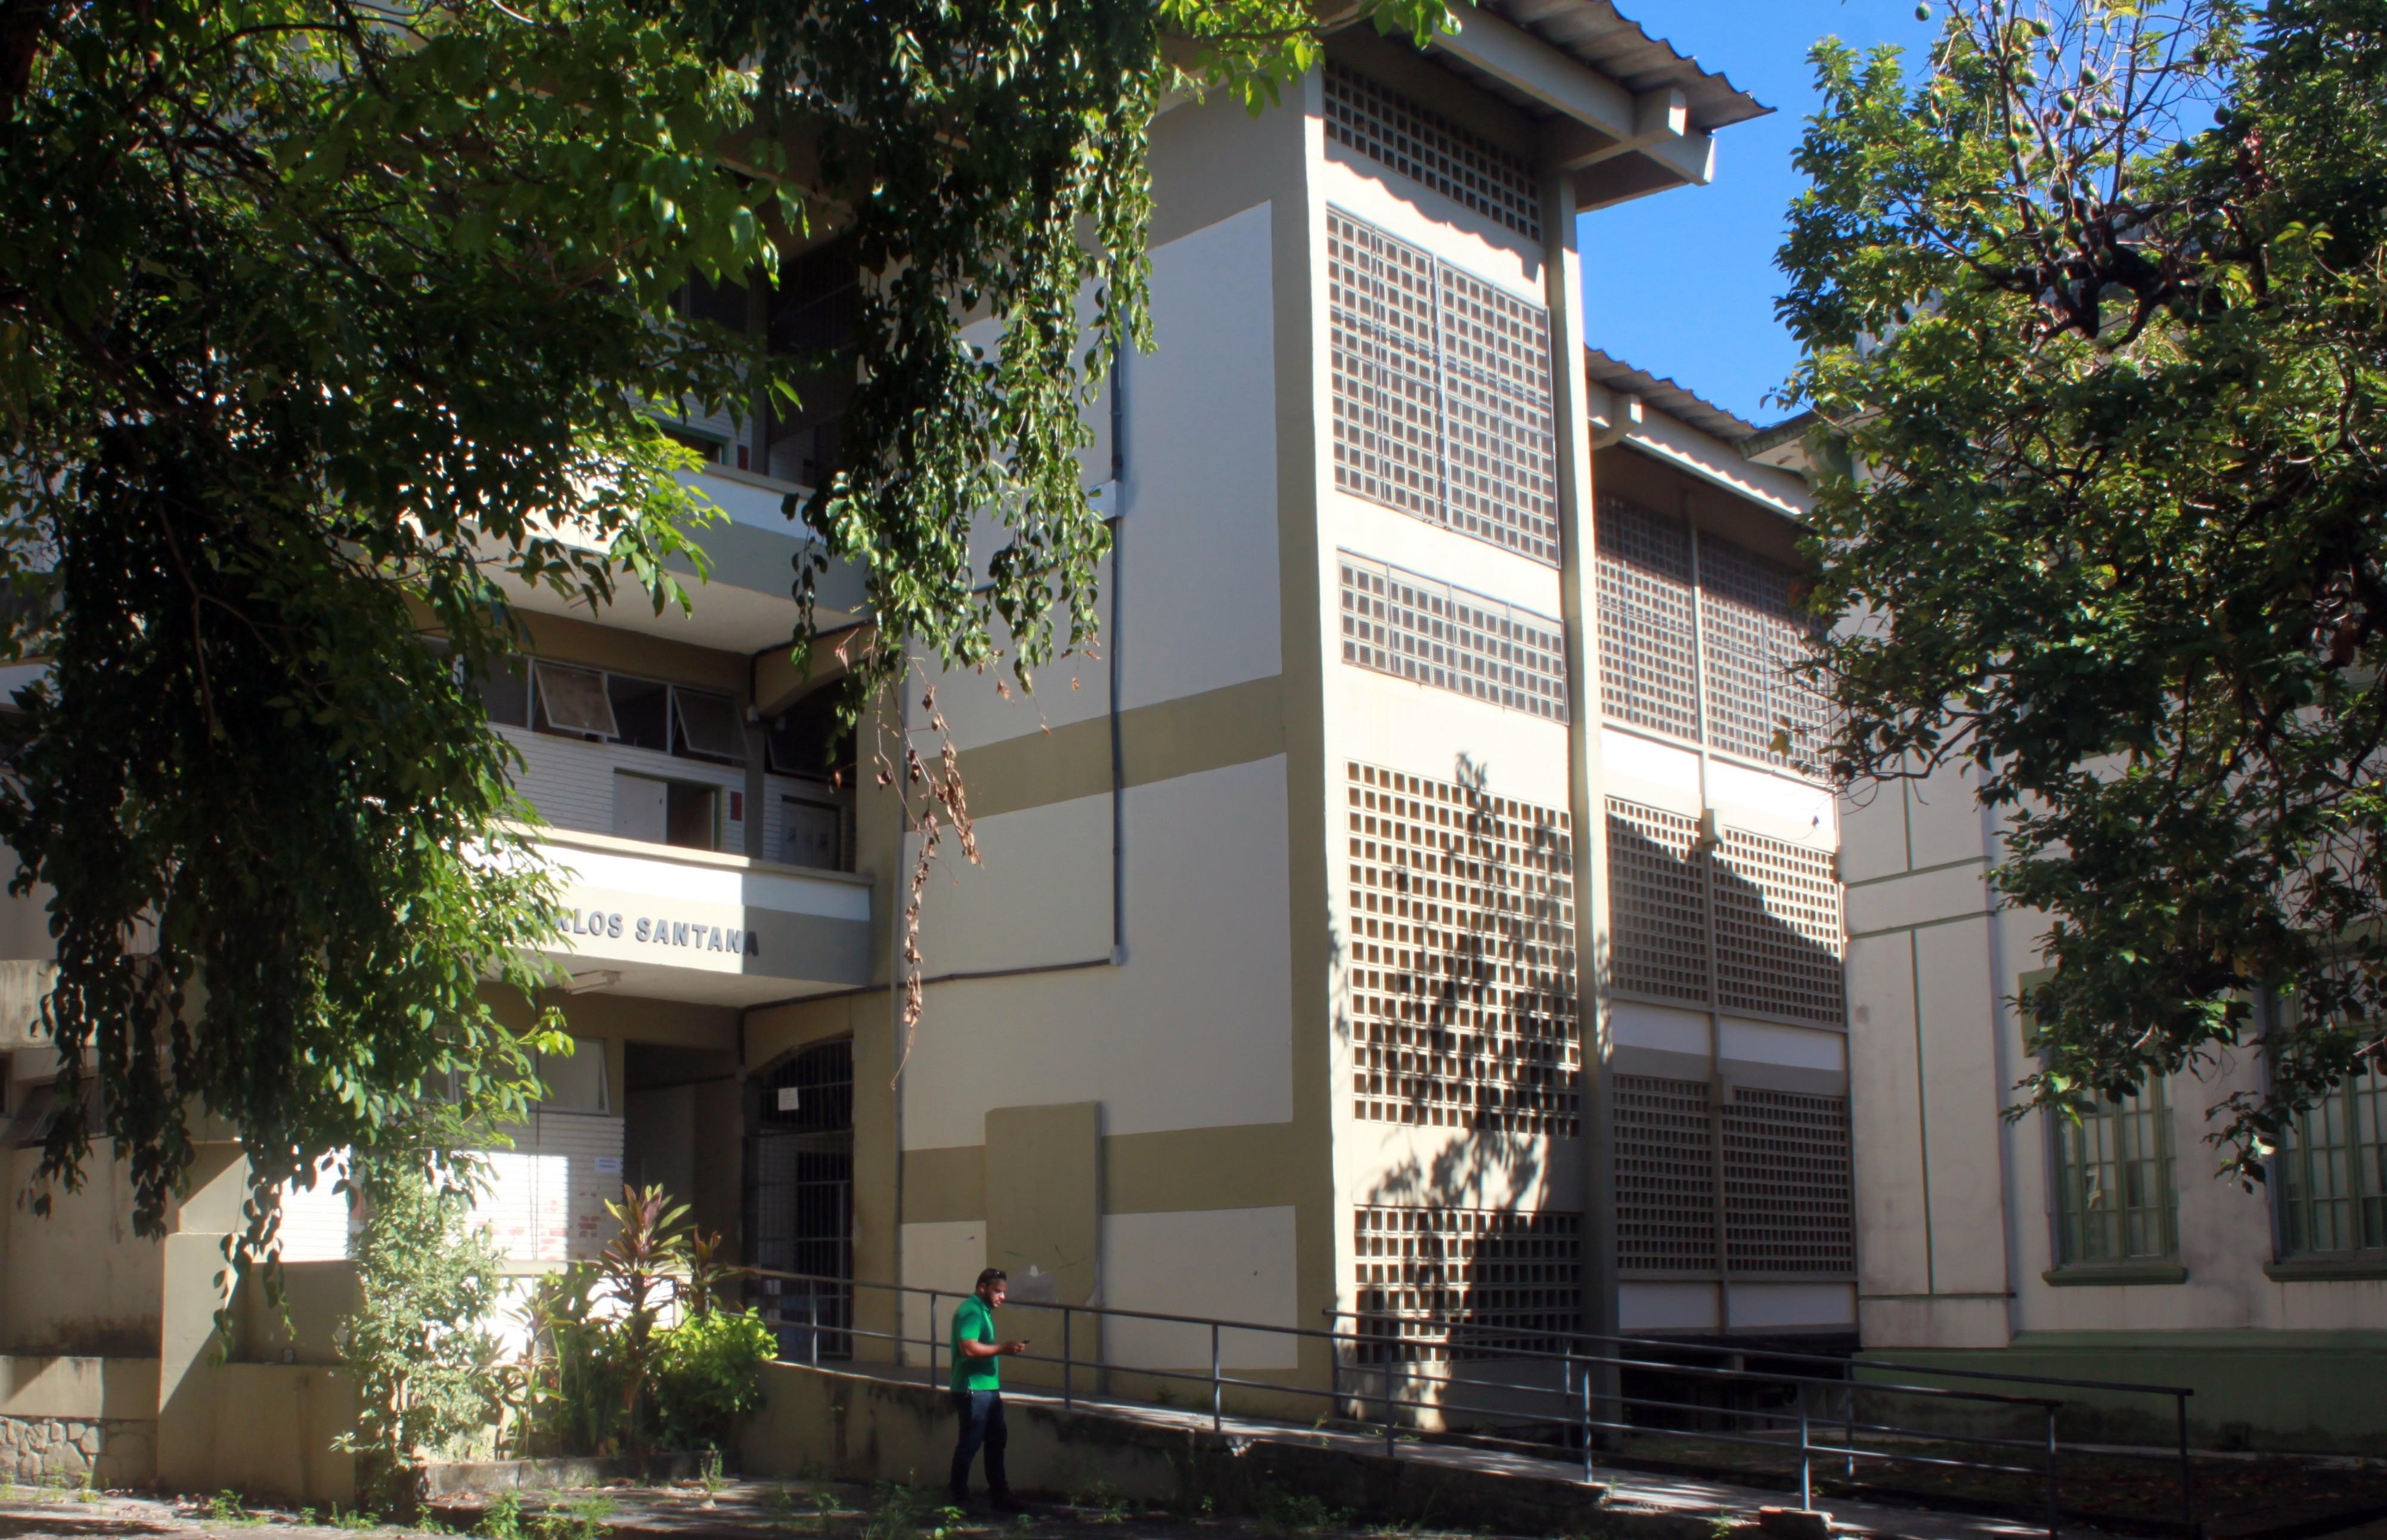 Pavilhão Carlos Santana, onde irá funcionar o Centro de Referência Dois Julho do IF Baiano.